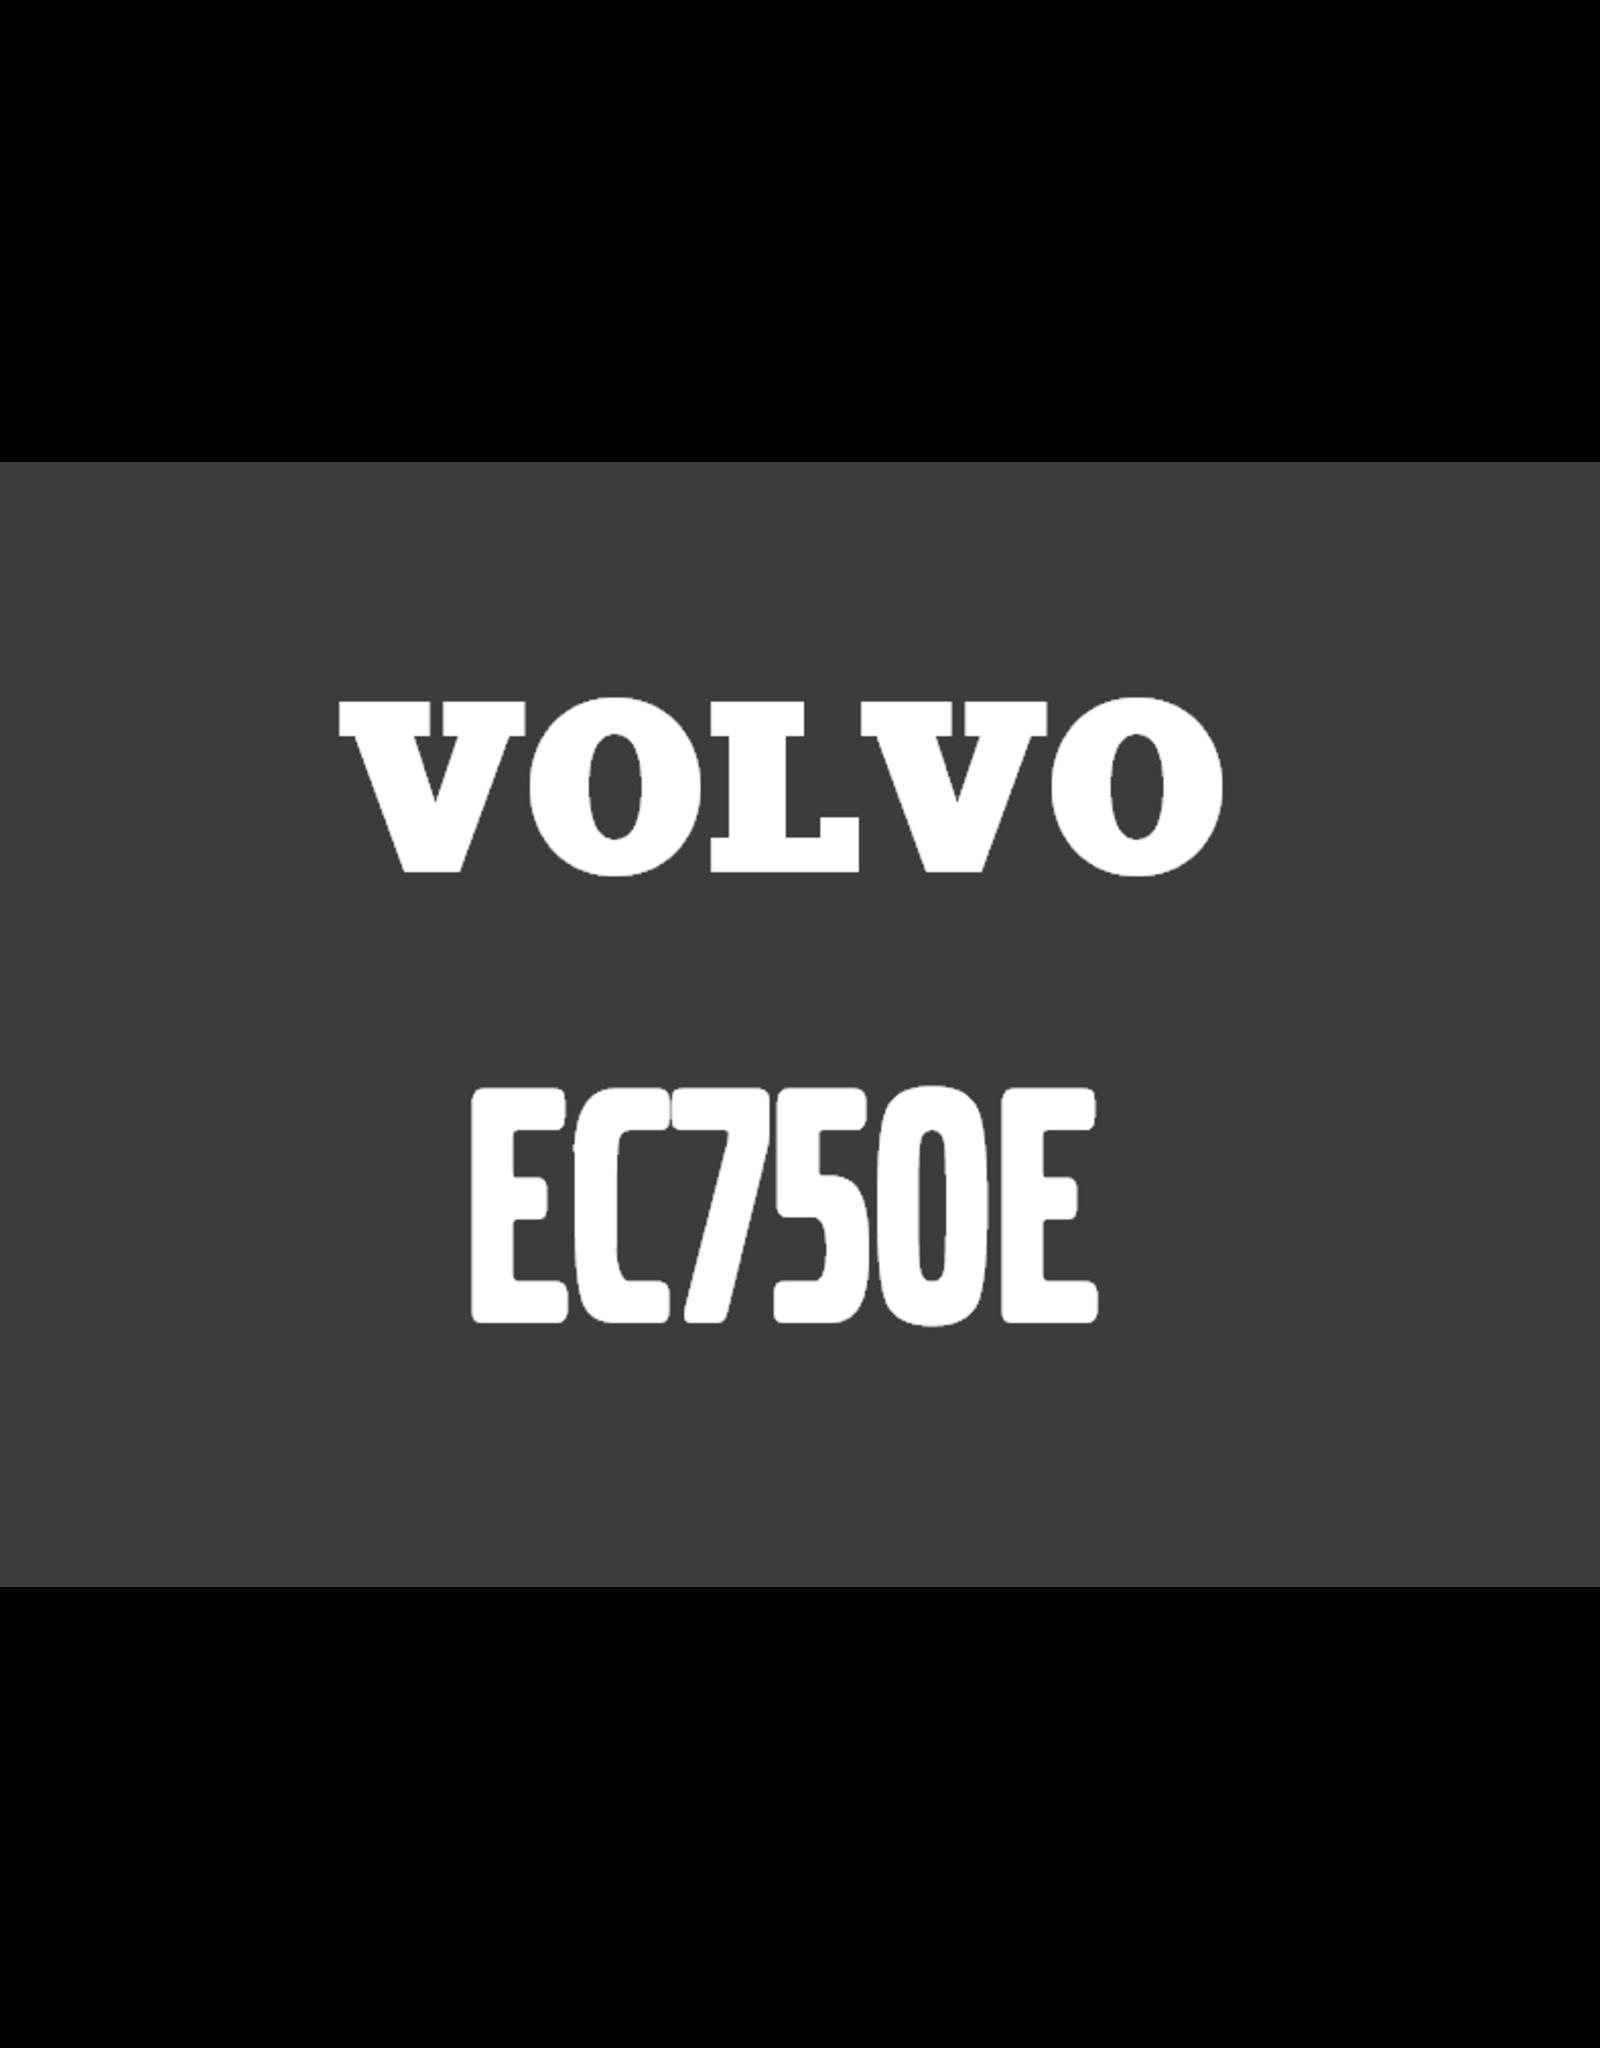 Echle Hartstahl GmbH FOPS pour Volvo EC750E